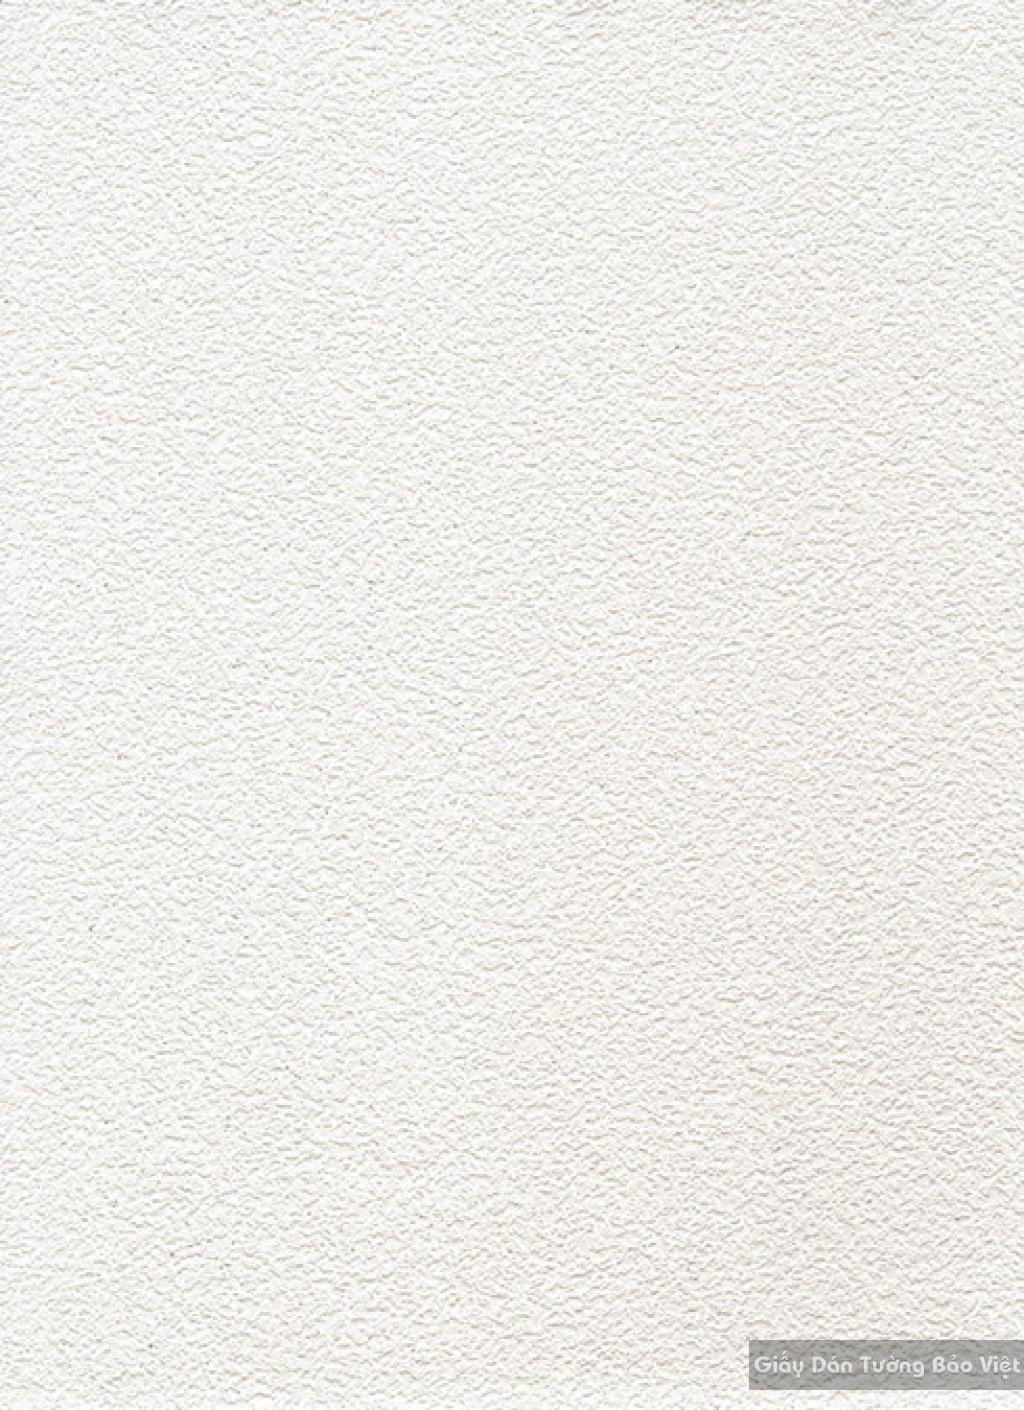 Giấy dán tường Hàn Quốc 66000-1